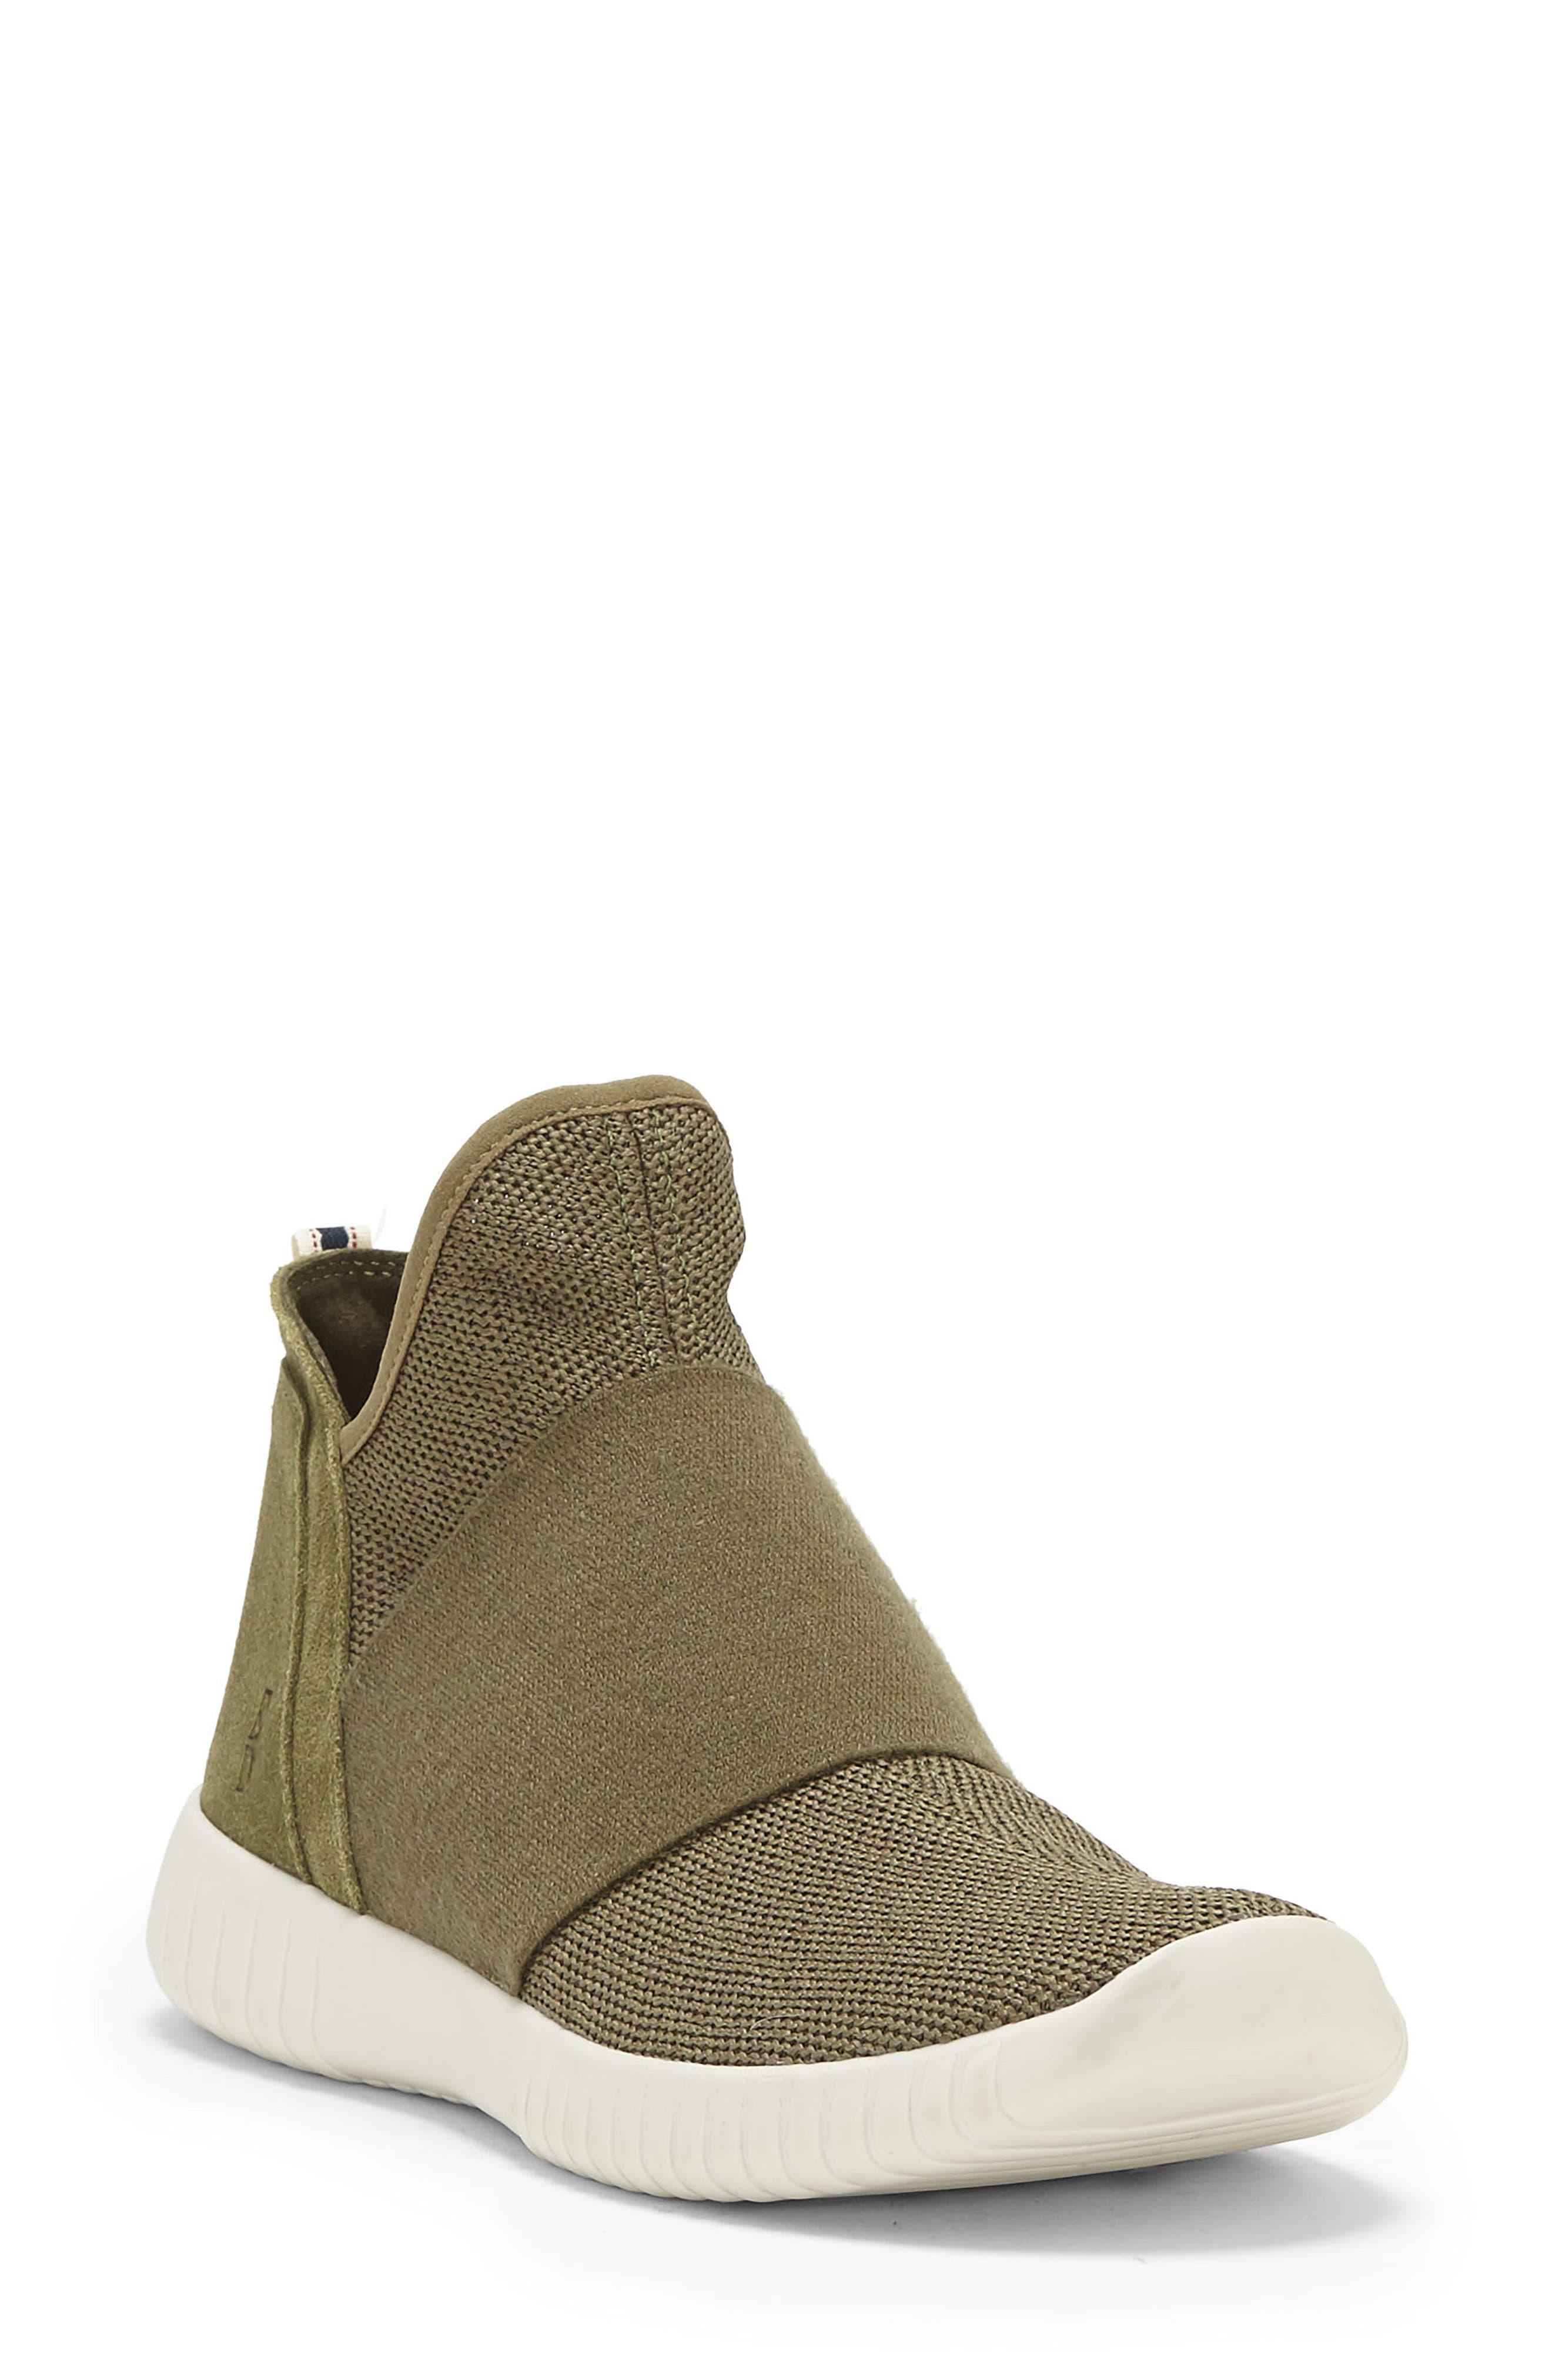 fa492debceb3 Women's ED Ellen Degeneres Sneakers & Running Shoes | Nordstrom